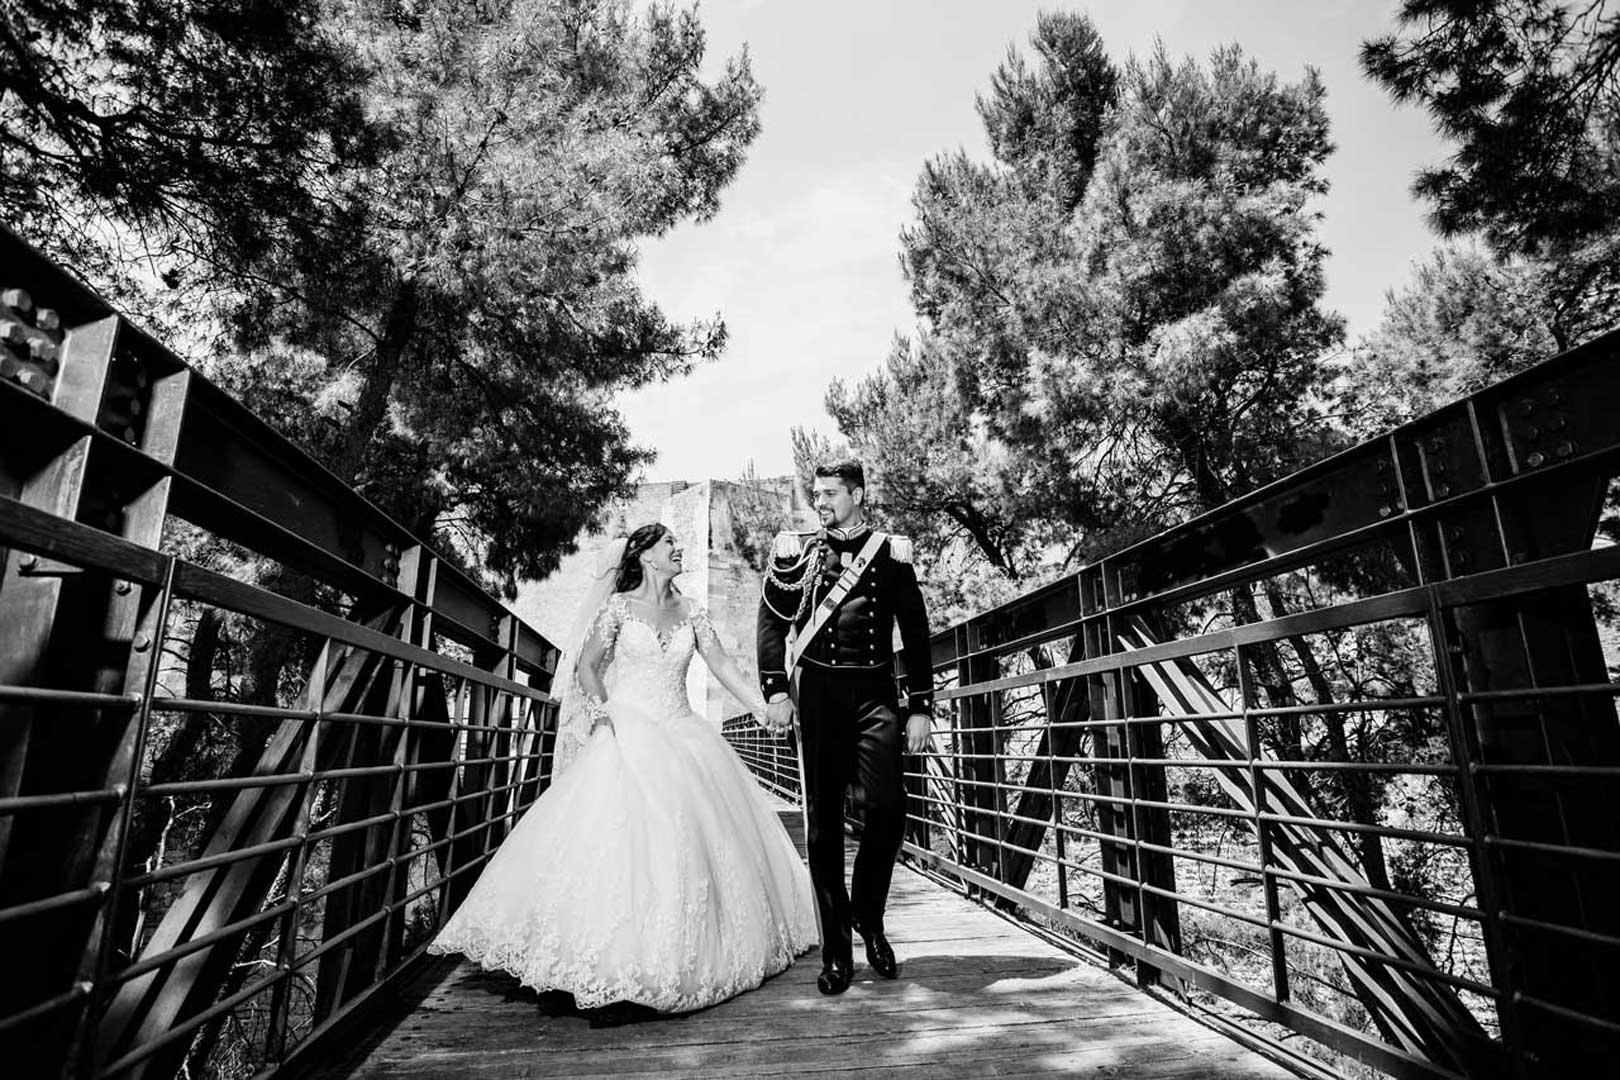 026-castello-lucera-gianni-lepore-wedding